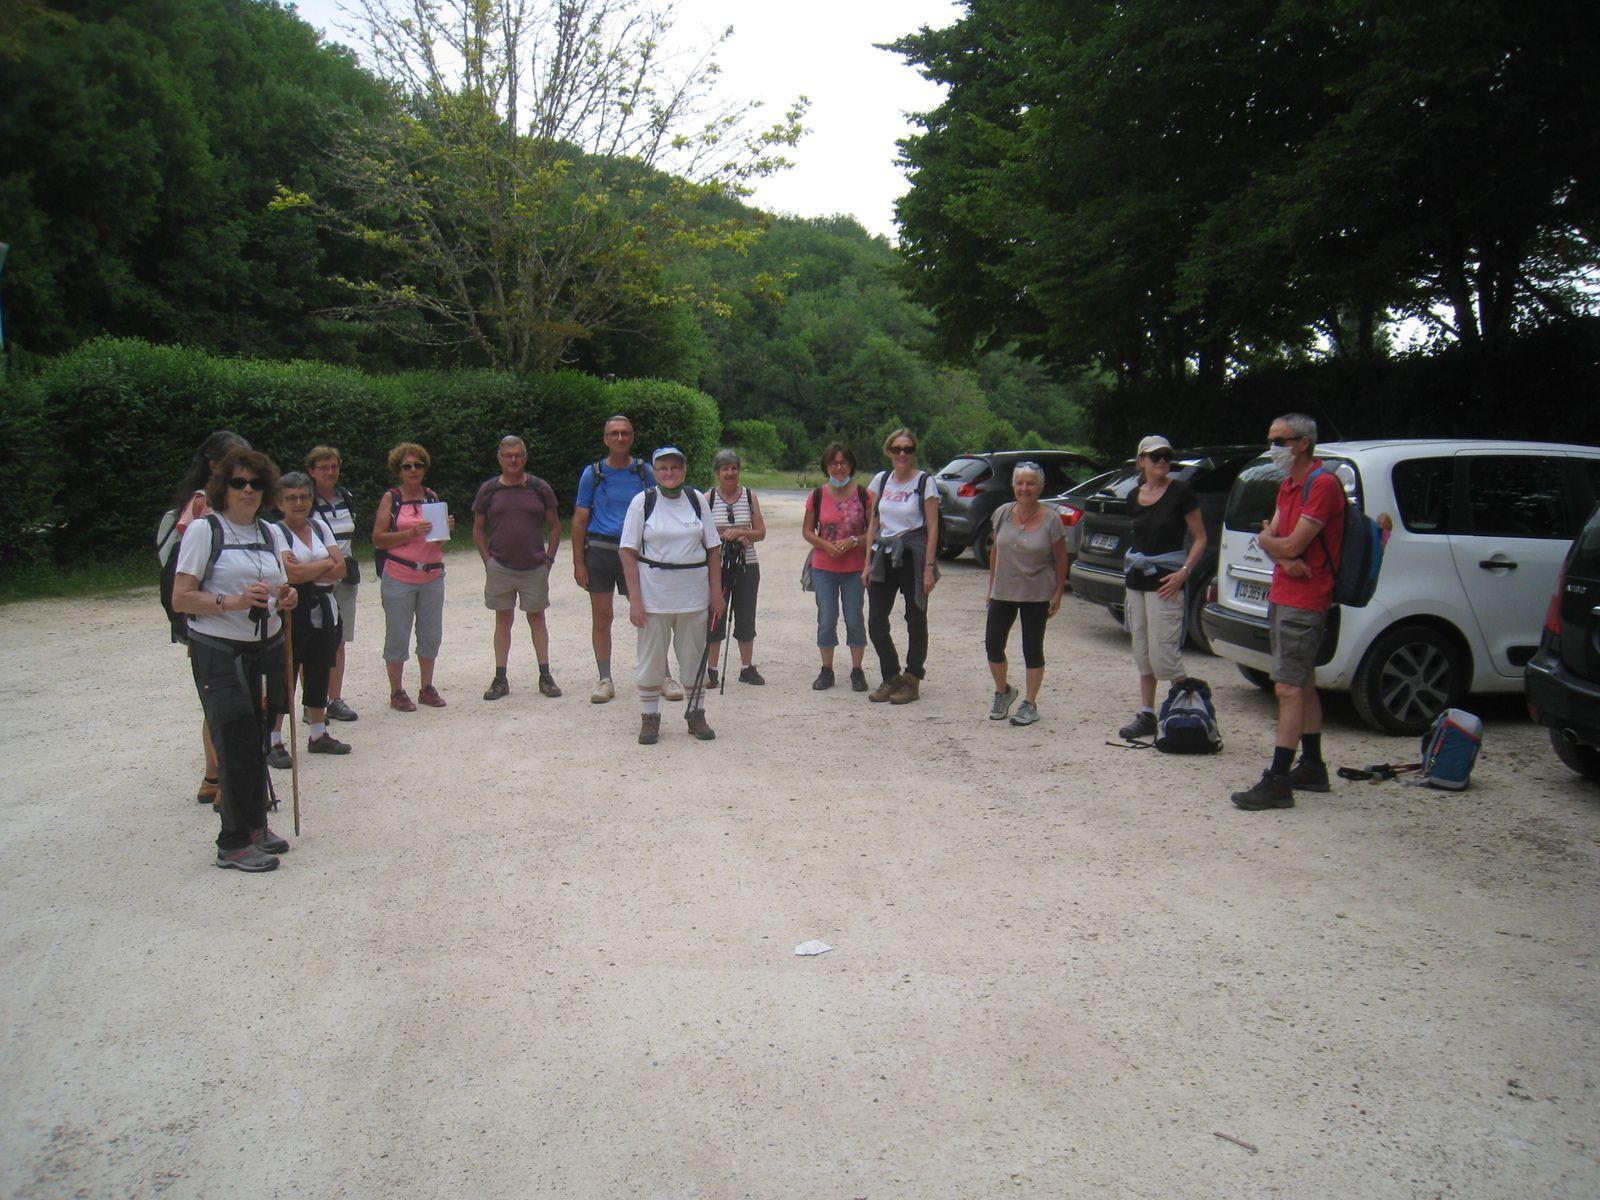 Départ du parking de la place du XIV juillet à l'entrée du village.